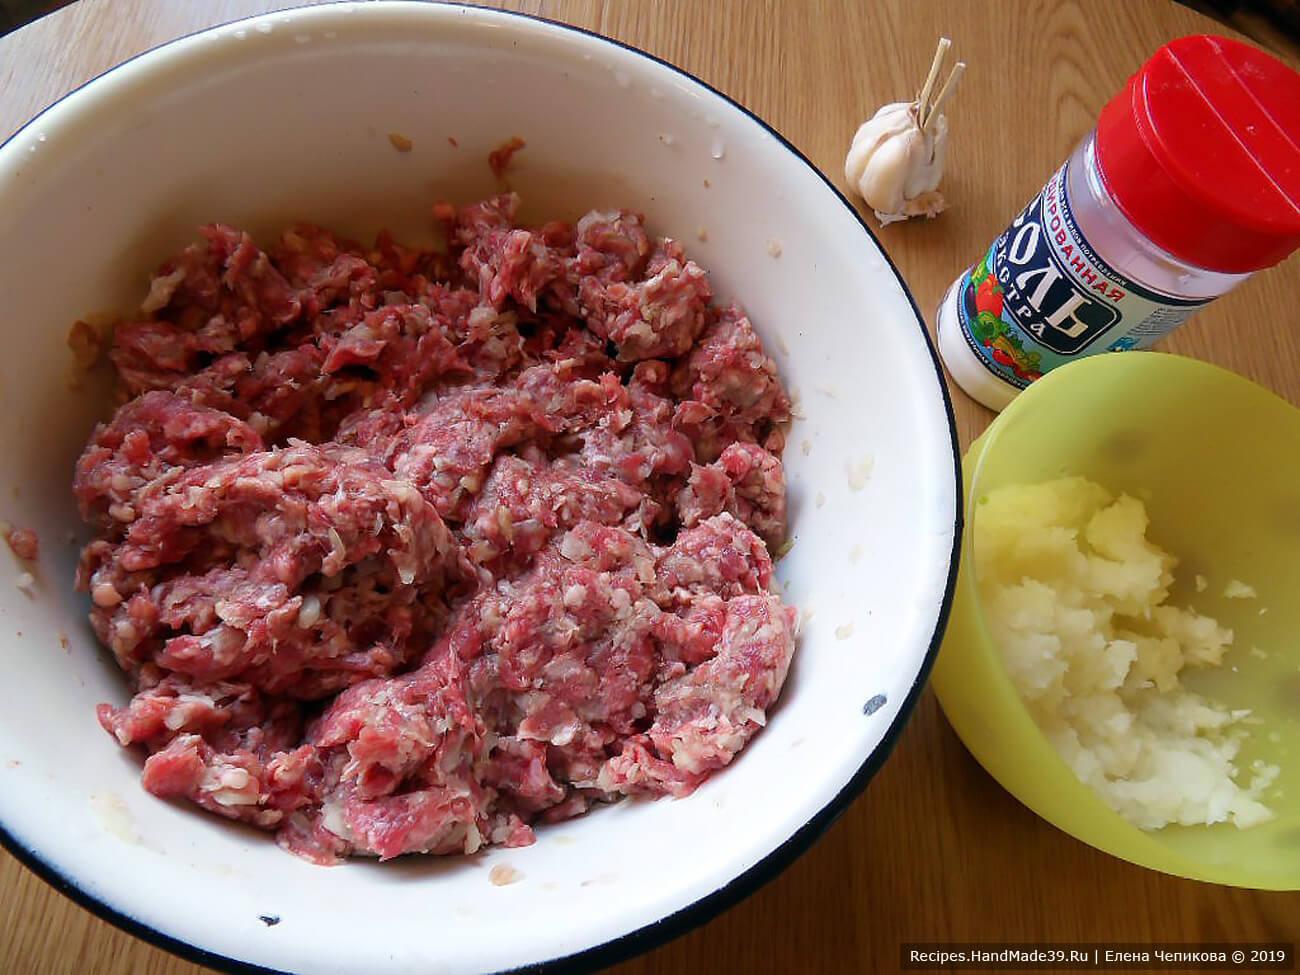 Мясной фарш соединить с одной частью лука, посолить, добавить специи, по желанию – измельчённый чеснок. Хорошо вымешать